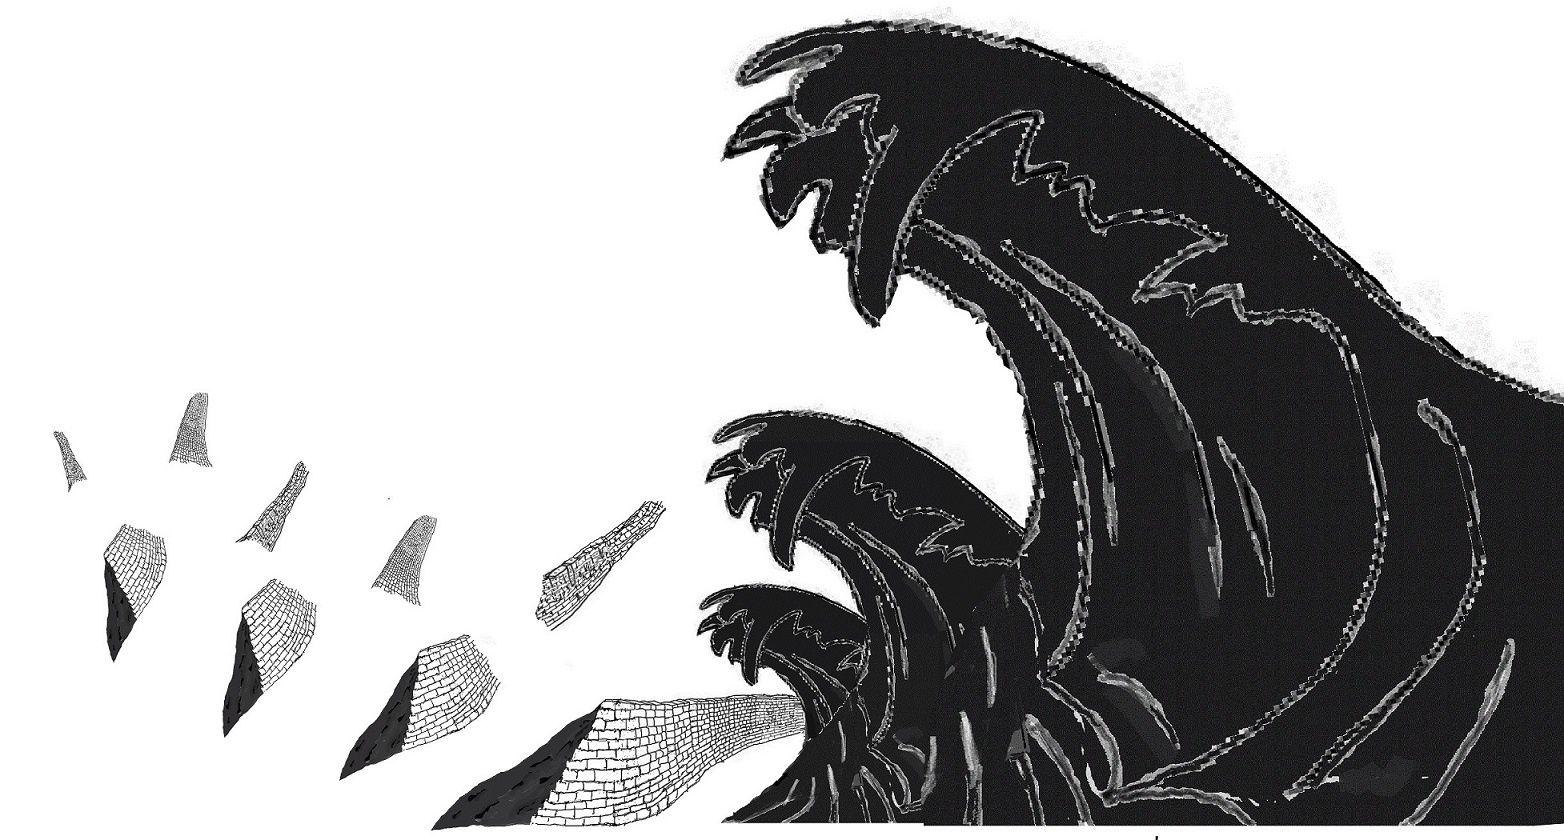 C'est dans l'après-midi que l'énorme vague arriva  Dans un fracas de forge cyclopéenne   Elle charriait des pans entiers de la digue et de maisons des faubourgs  Amplifiant sa rage de destruction  Elle courut sur une grande partie de la contrée  Lorsqu'elle se retira elle ne laissa qu'un cimetière bas de squelette de maisons